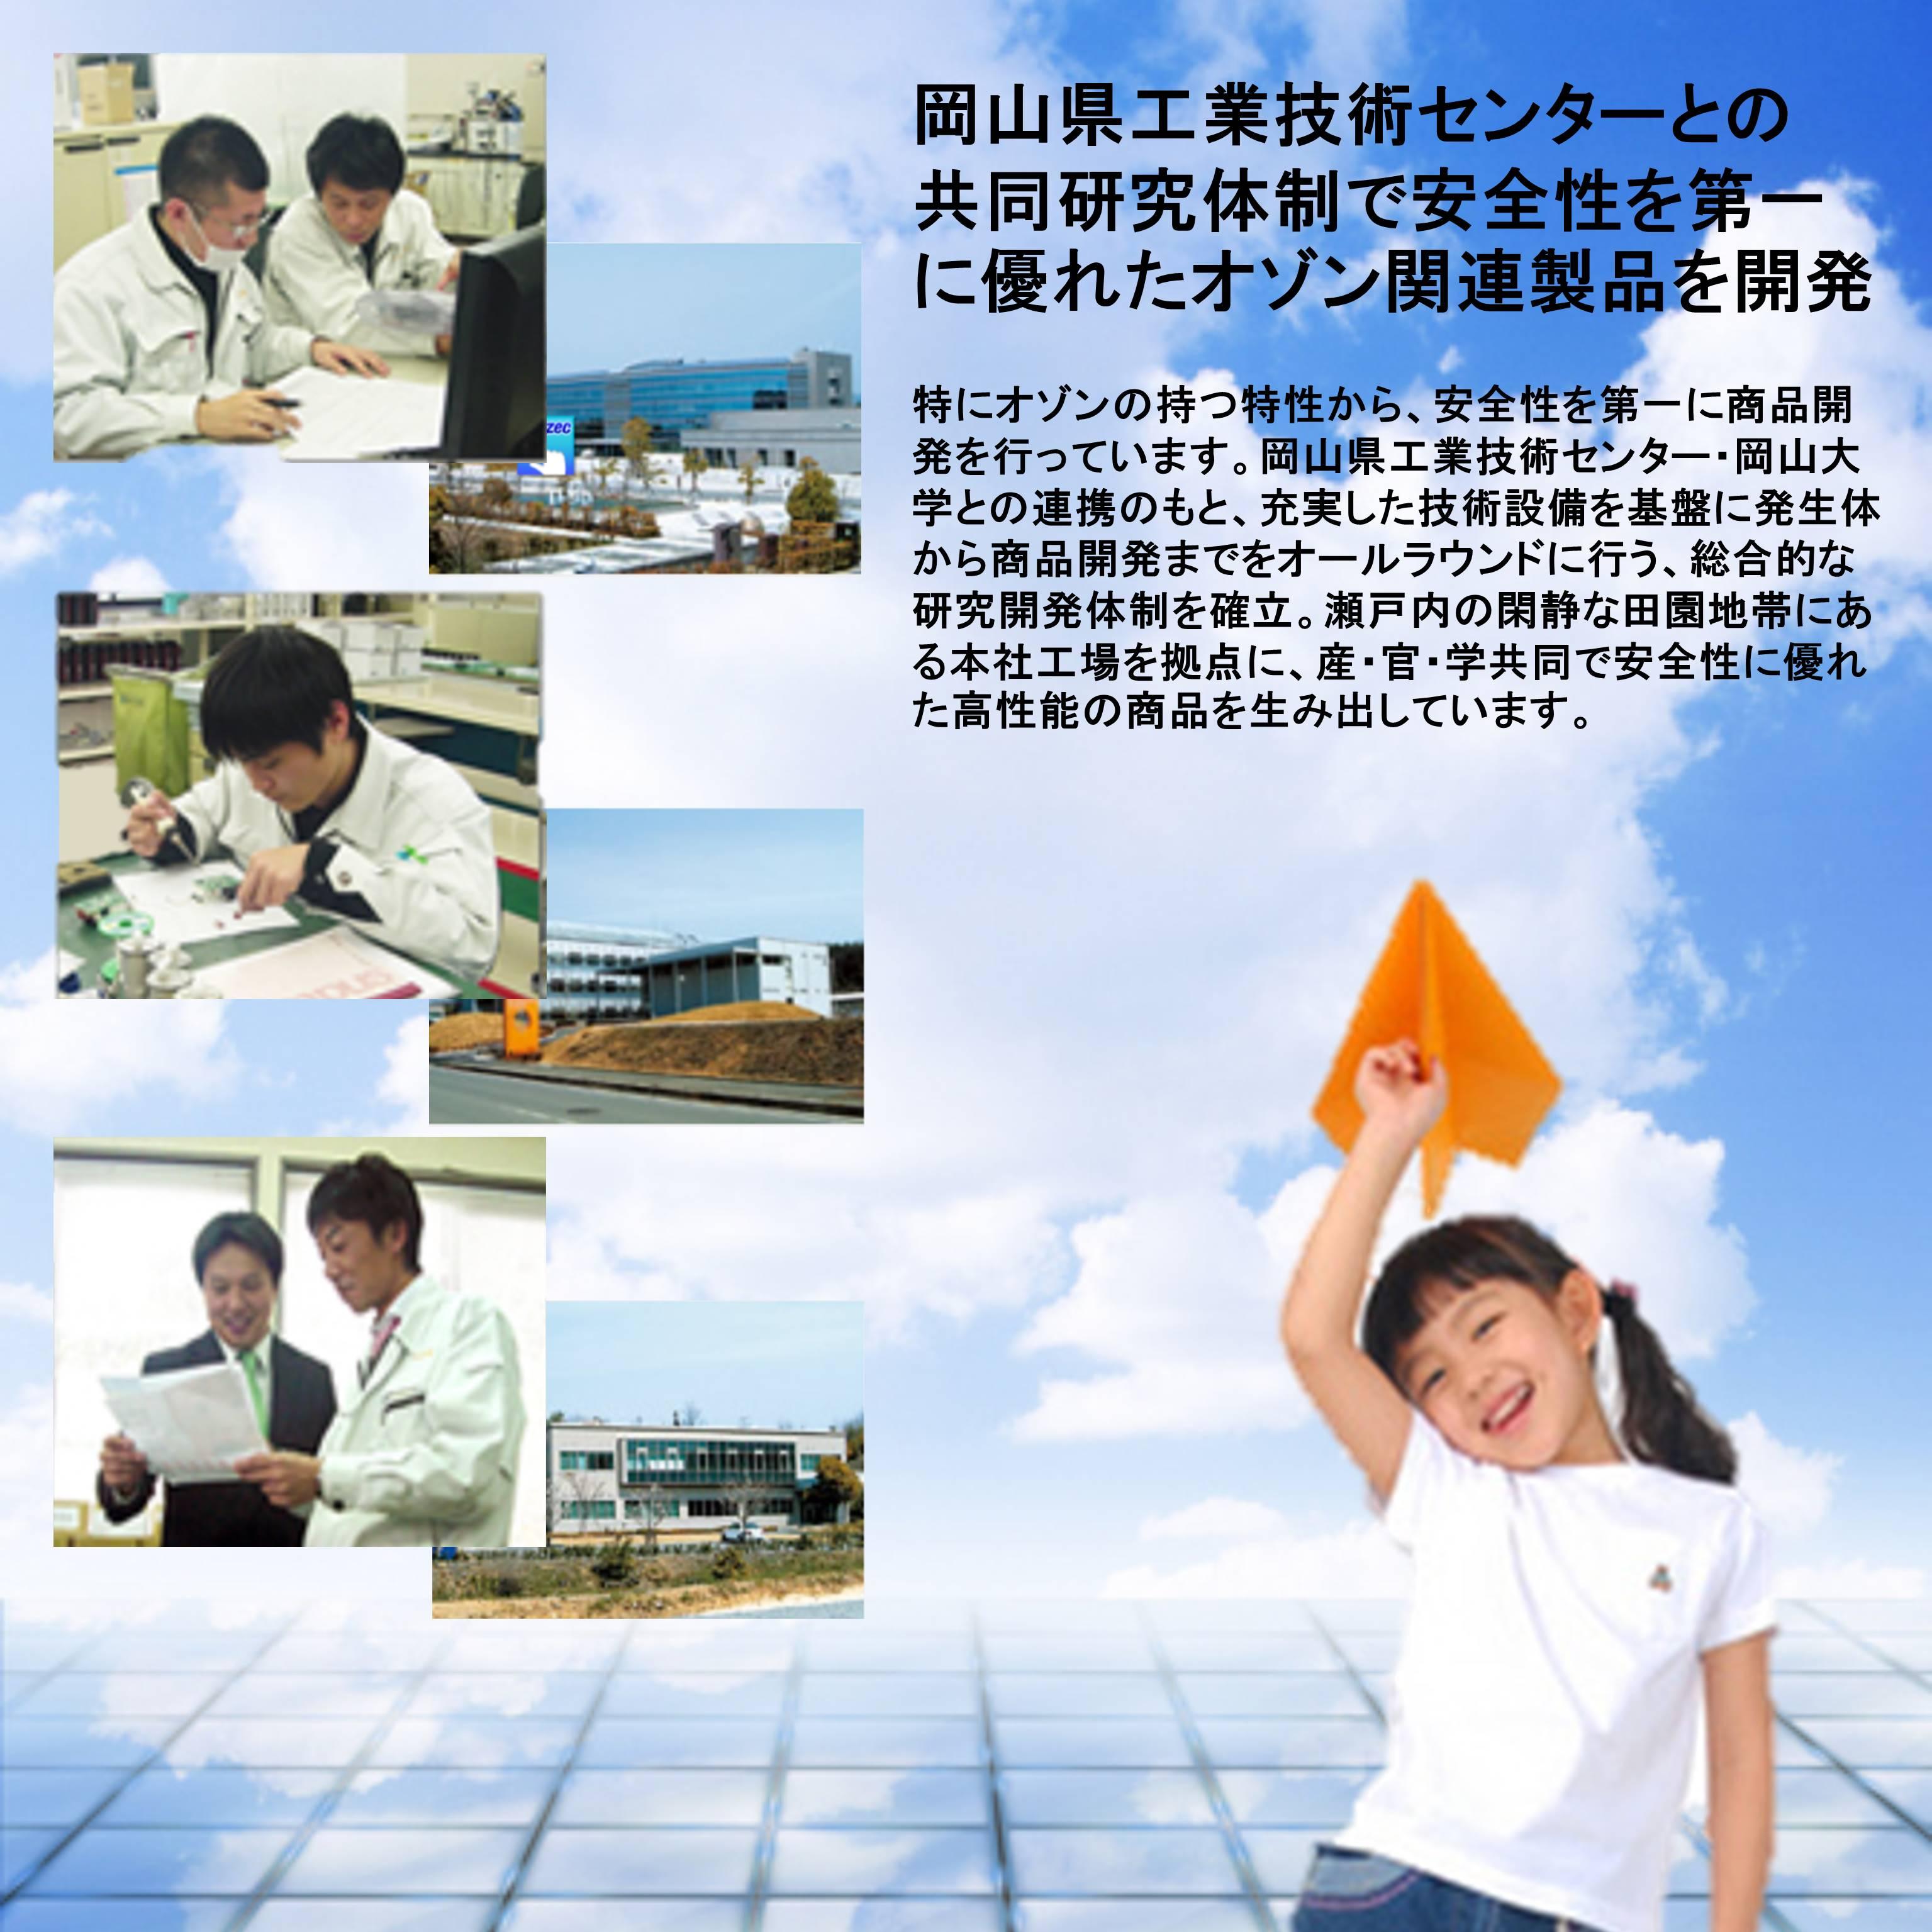 岡山県工業技術センターとの共同研究体制で安全性を第一に優れたオゾン関連製品を開発